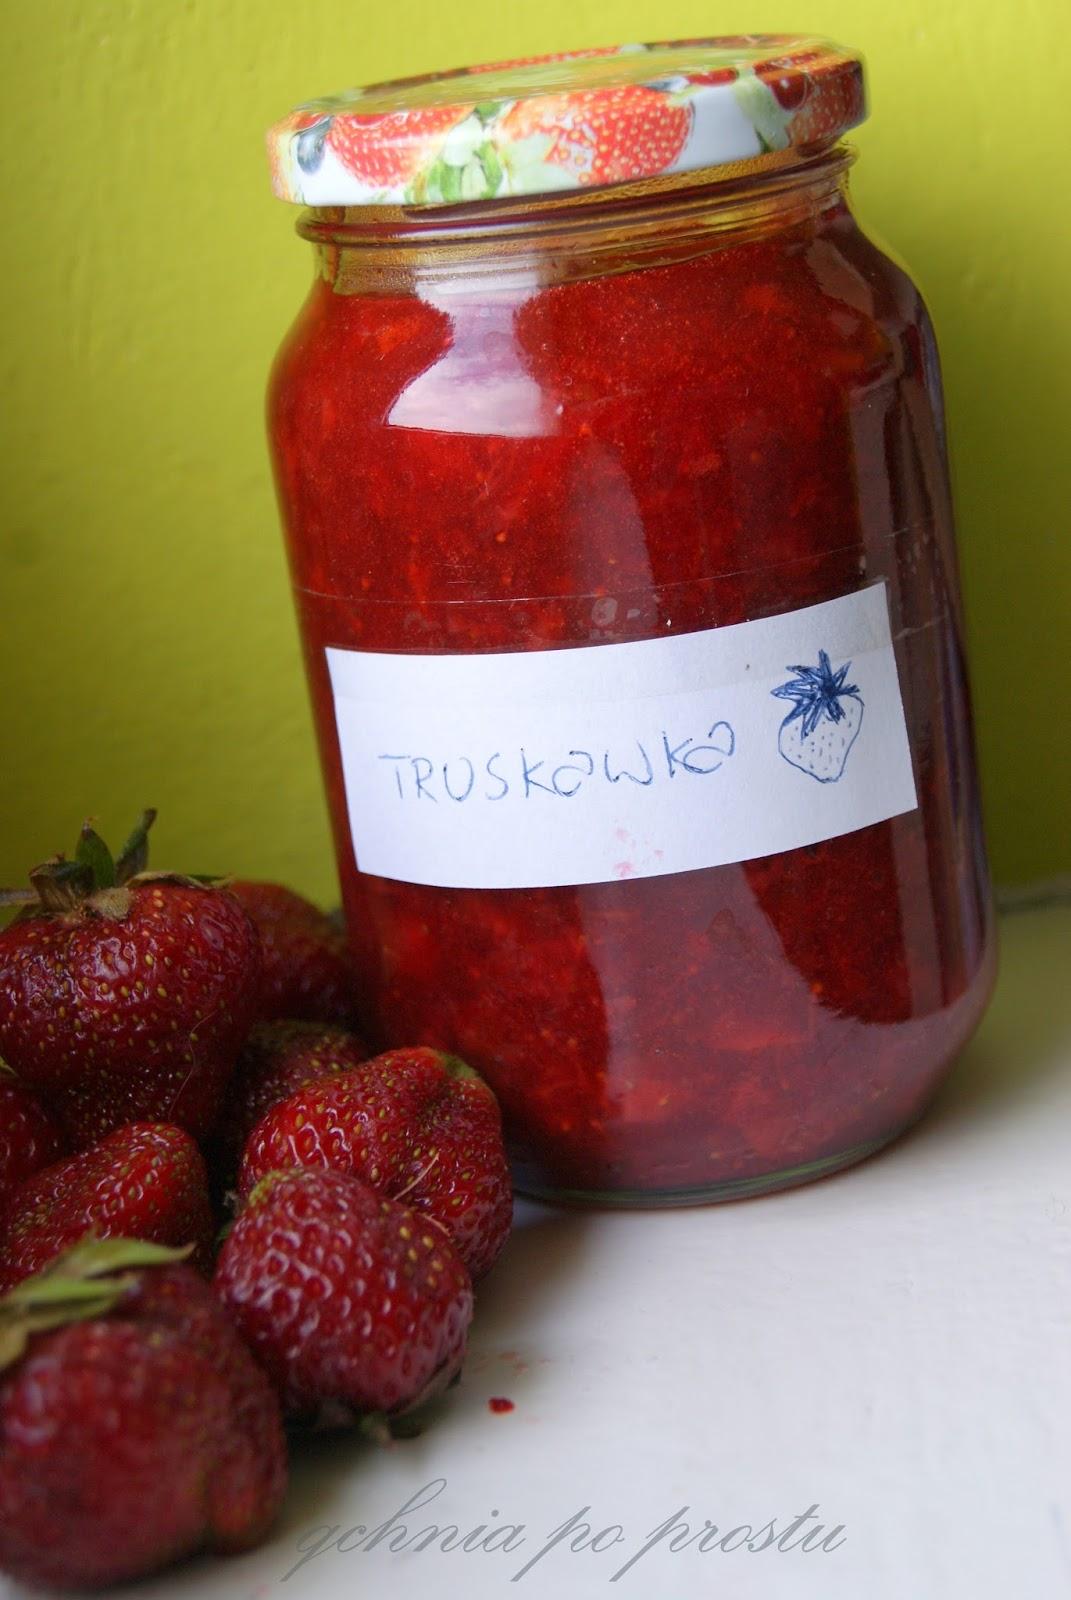 Qchnia po prostu Dżem truskawkowy z cynamonem -> Qchnia U Orzecha